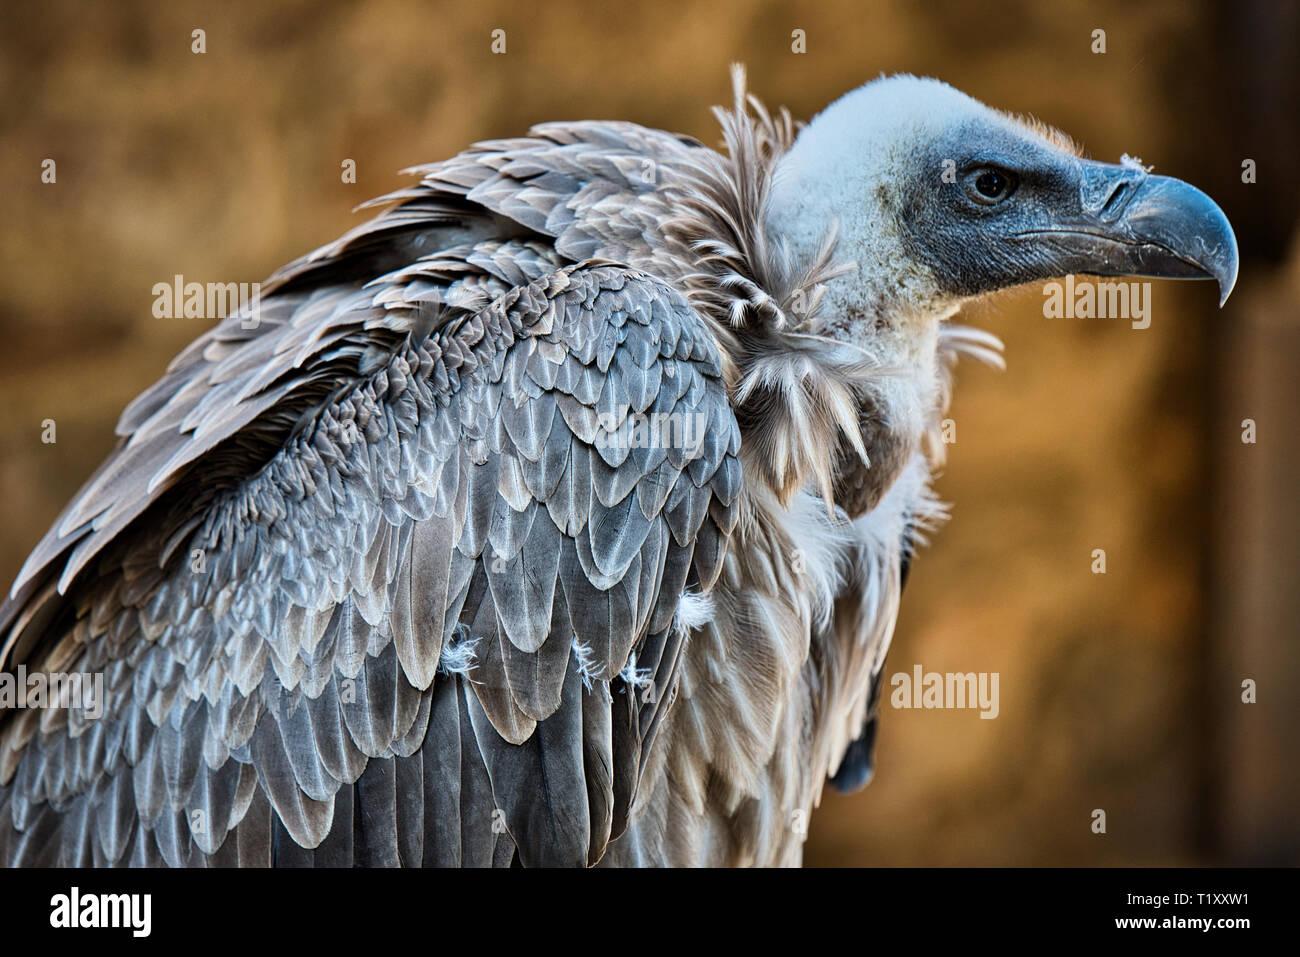 Eagle Wild Bird Stock Photo